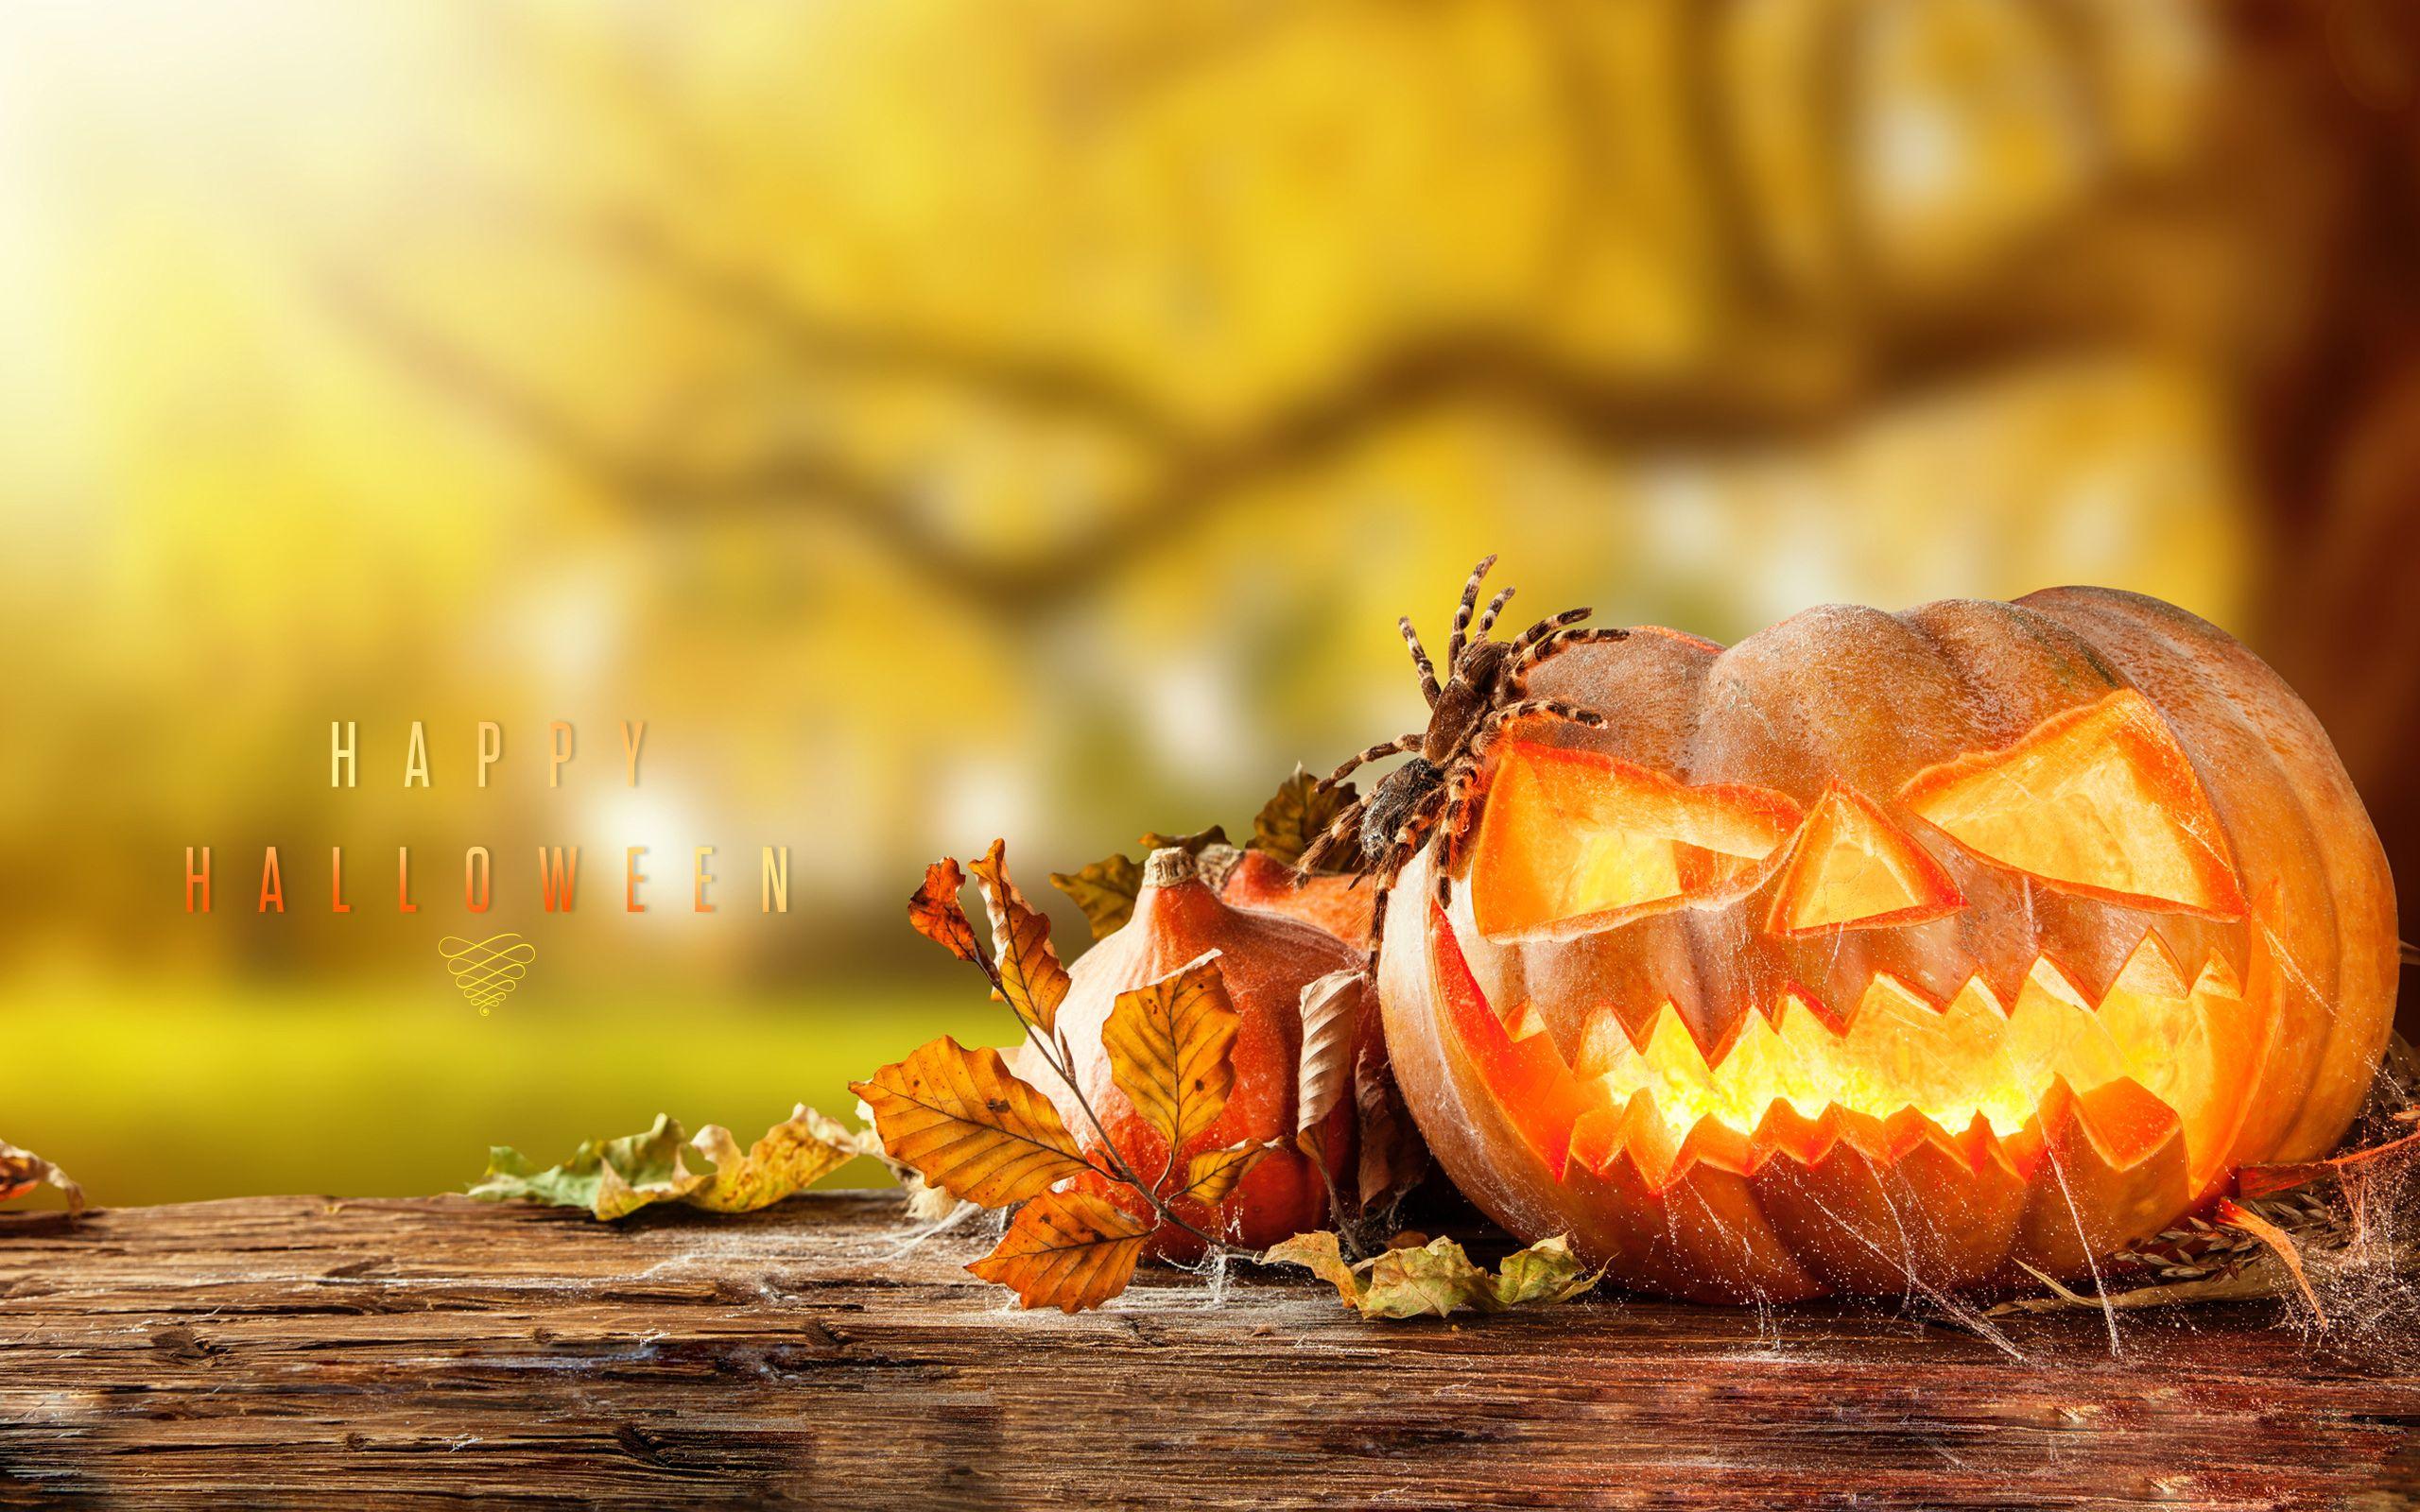 Happy Halloween HD Wallpaper In 1080p Halloween, Evening, HD, Wallpapers,  Bat,